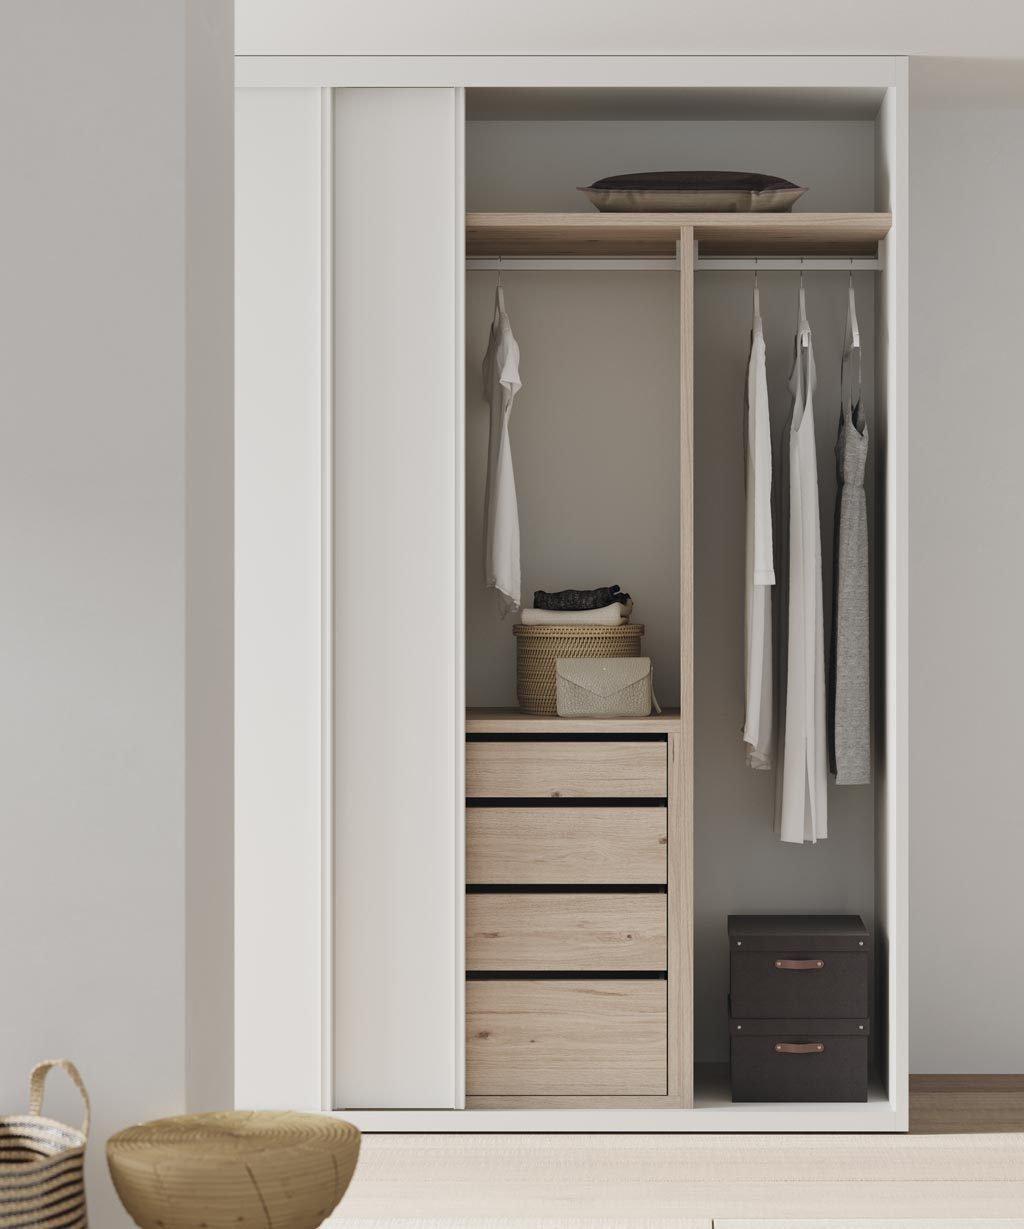 Armario de dos puertas correderas en color Blanco en la habitación